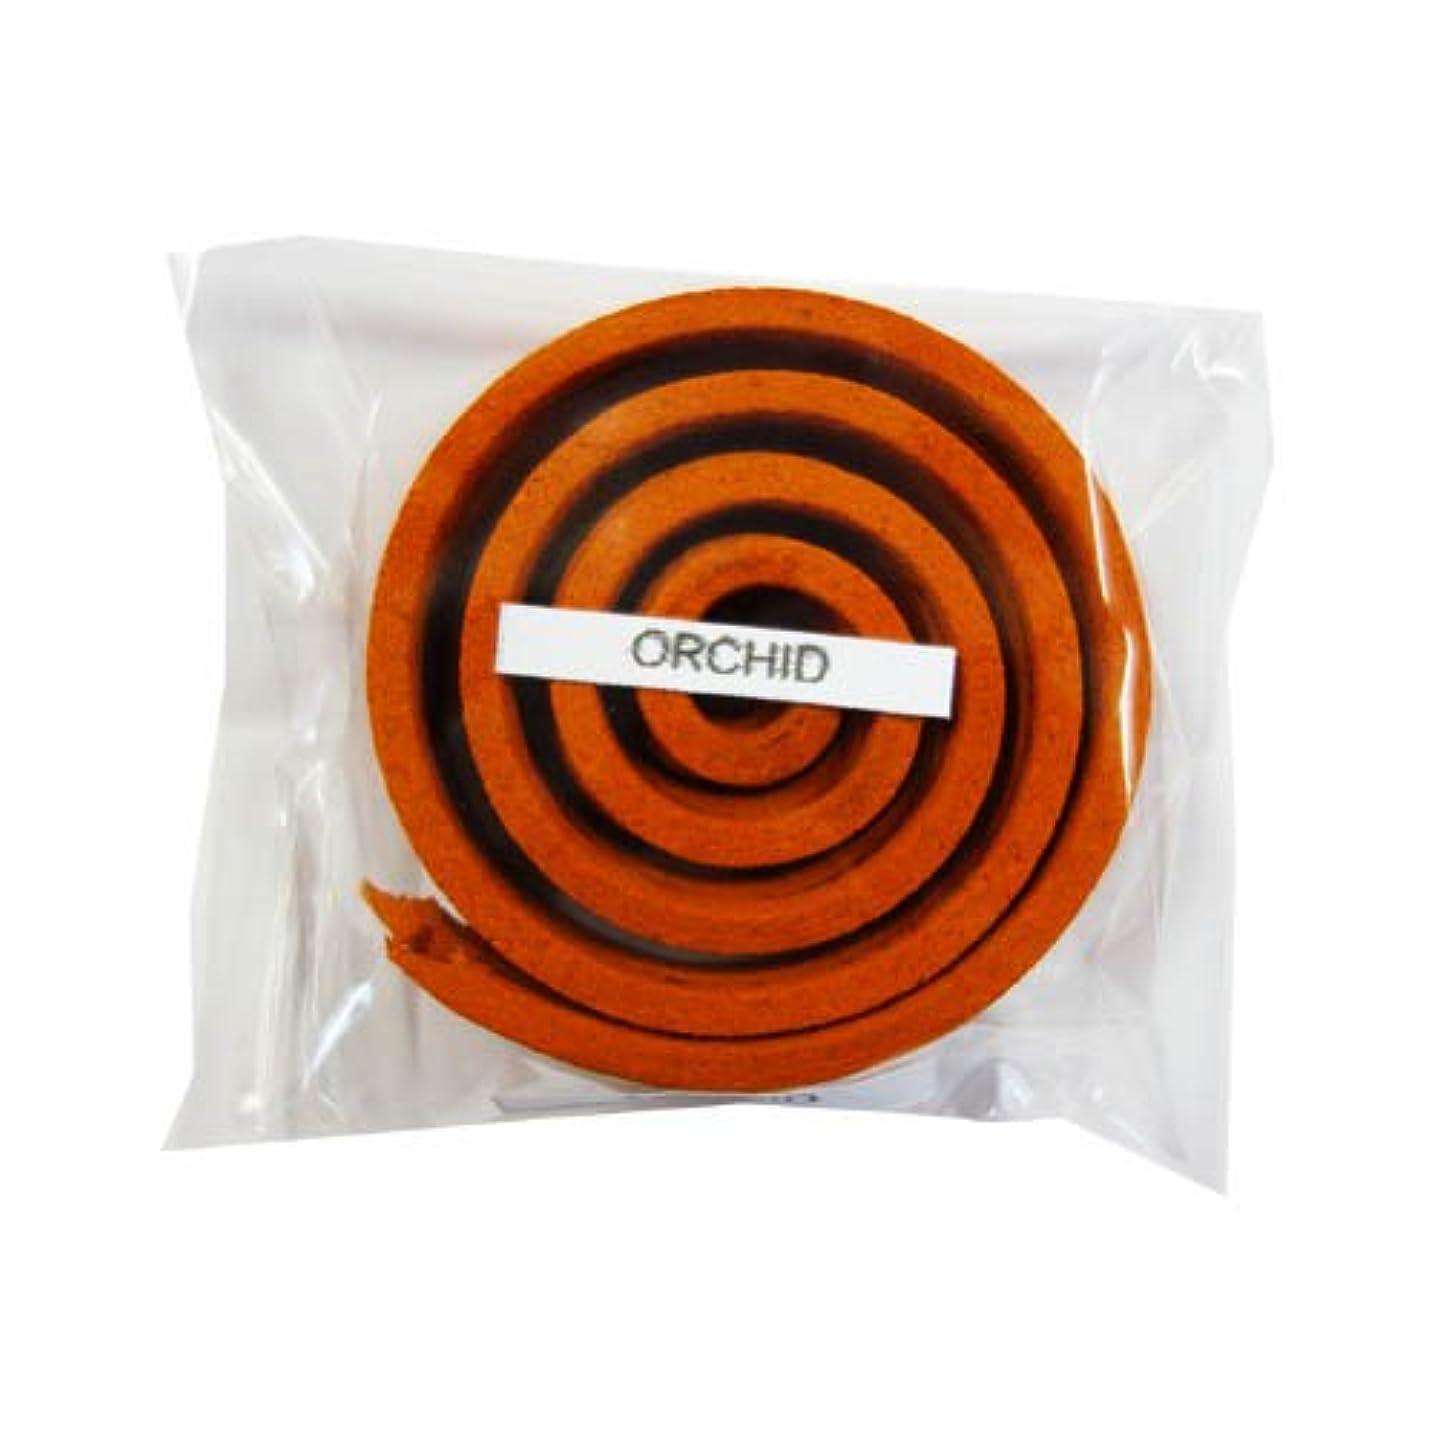 製品プロット地獄お香/うずまき香 ORCHID オーキッド 直径5cm×5巻セット [並行輸入品]